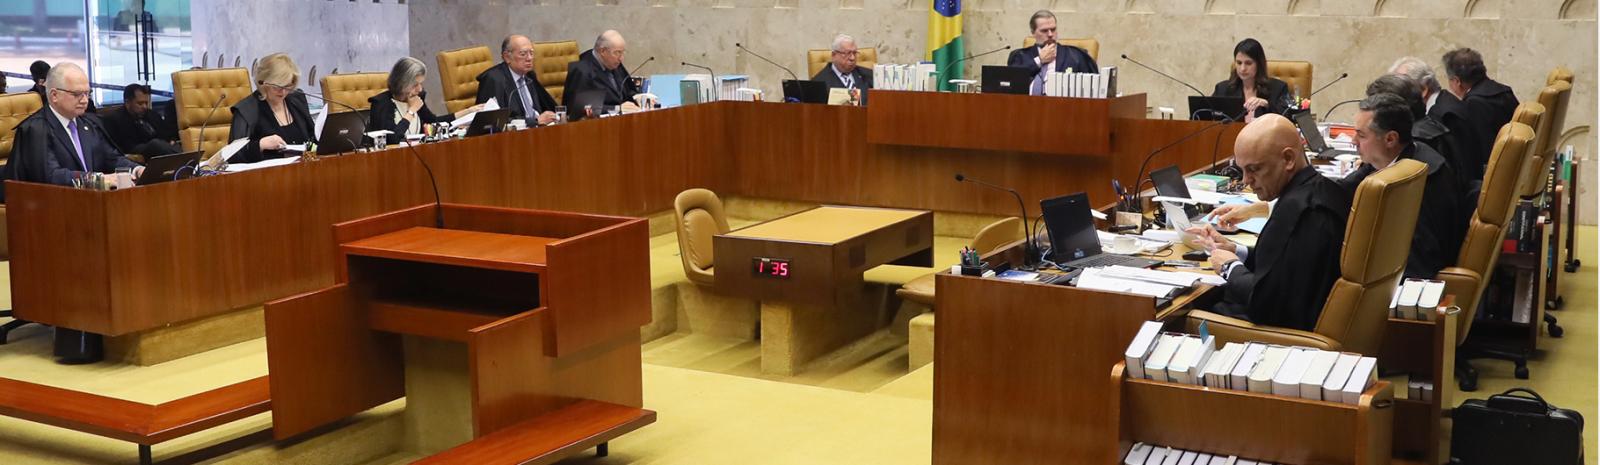 STF decide pela anulação de condenação da Lava Jato; Lula é favorecido